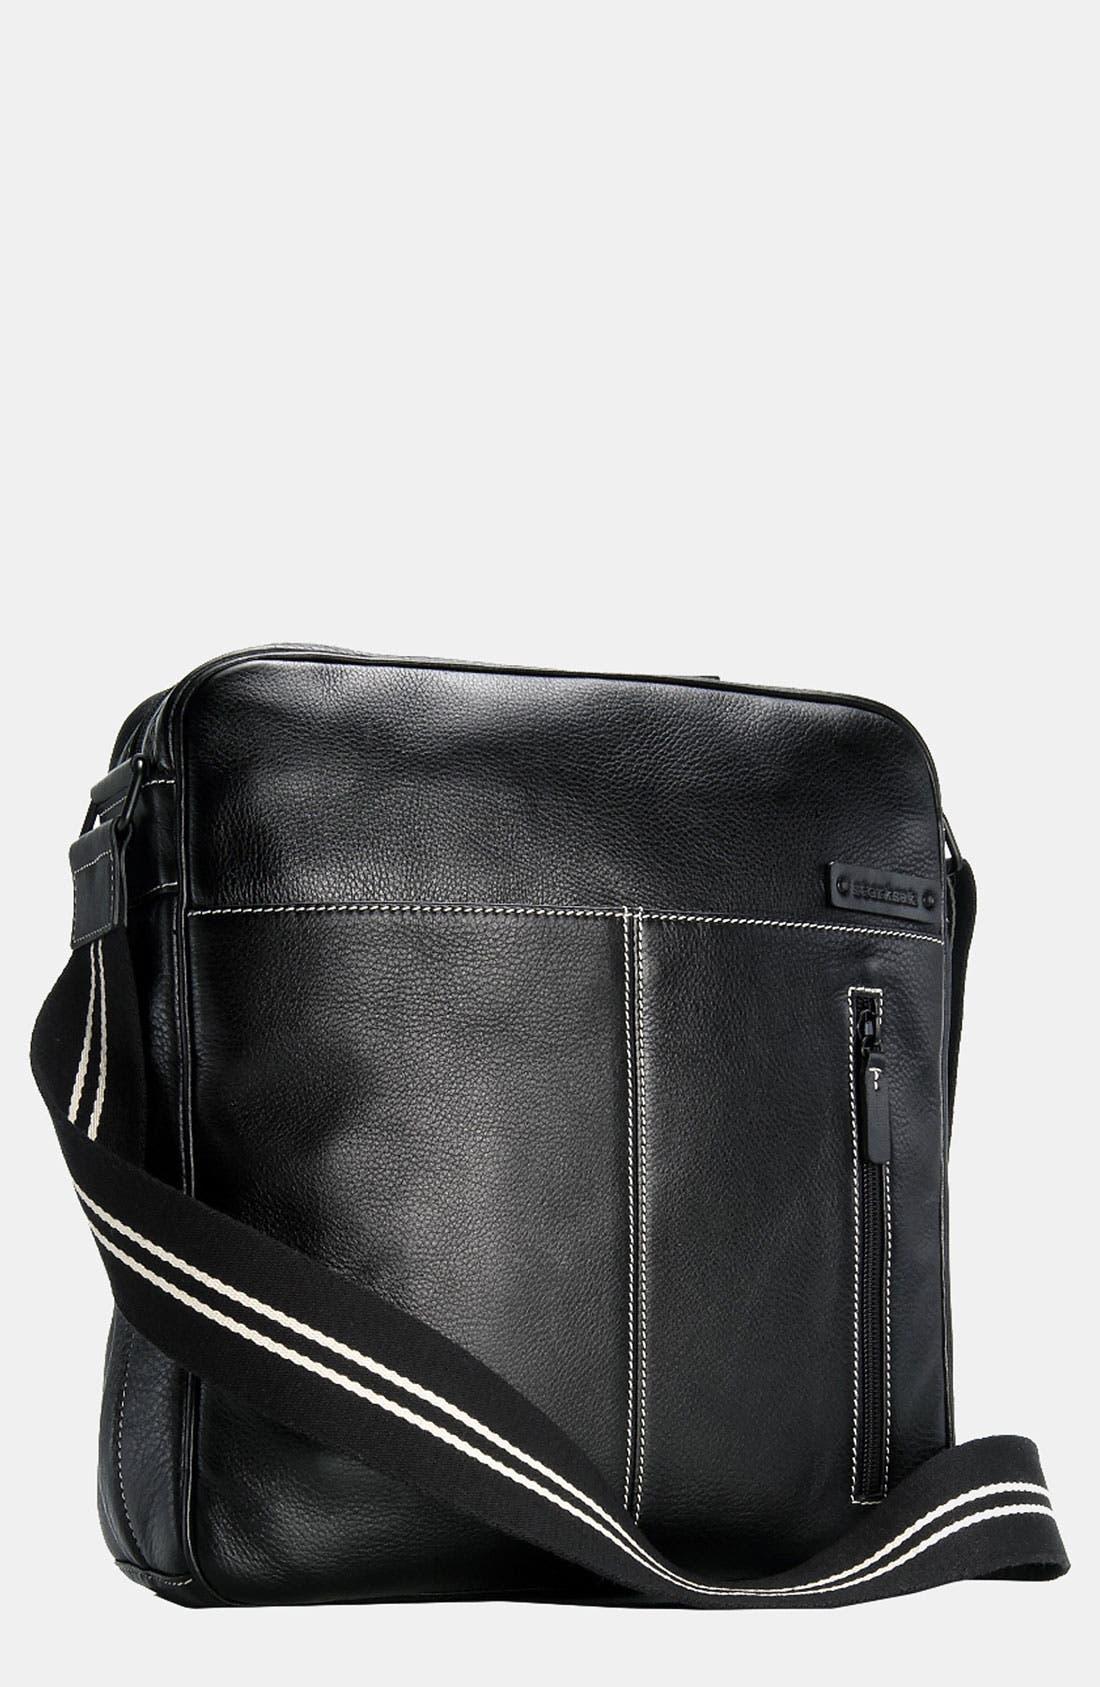 Main Image - Storksak 'Jamie' Leather Diaper Bag